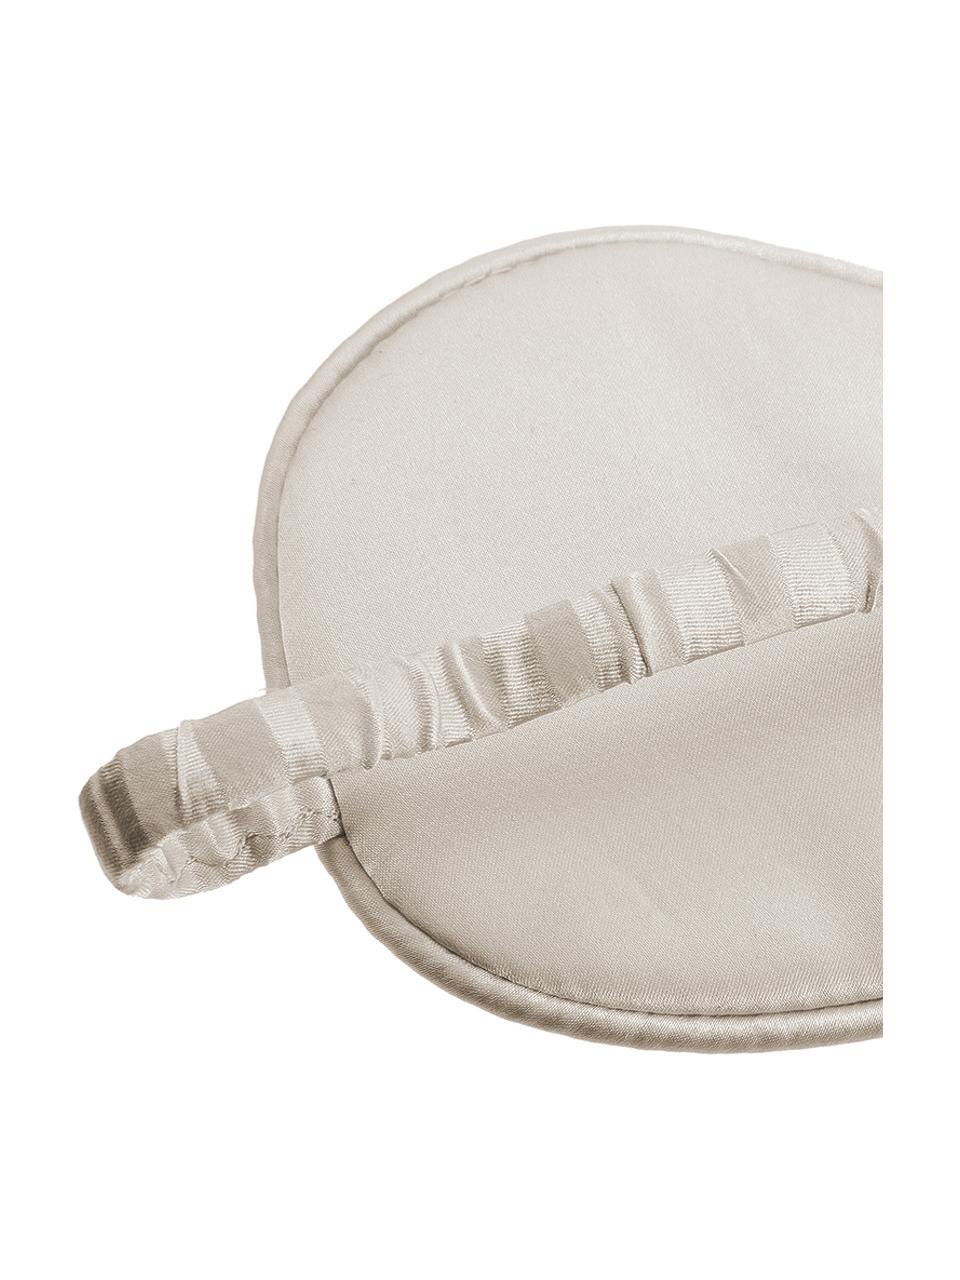 Maska do spania z jedwabiu Silke, Biały, brązowy, S 21 x W 9 cm